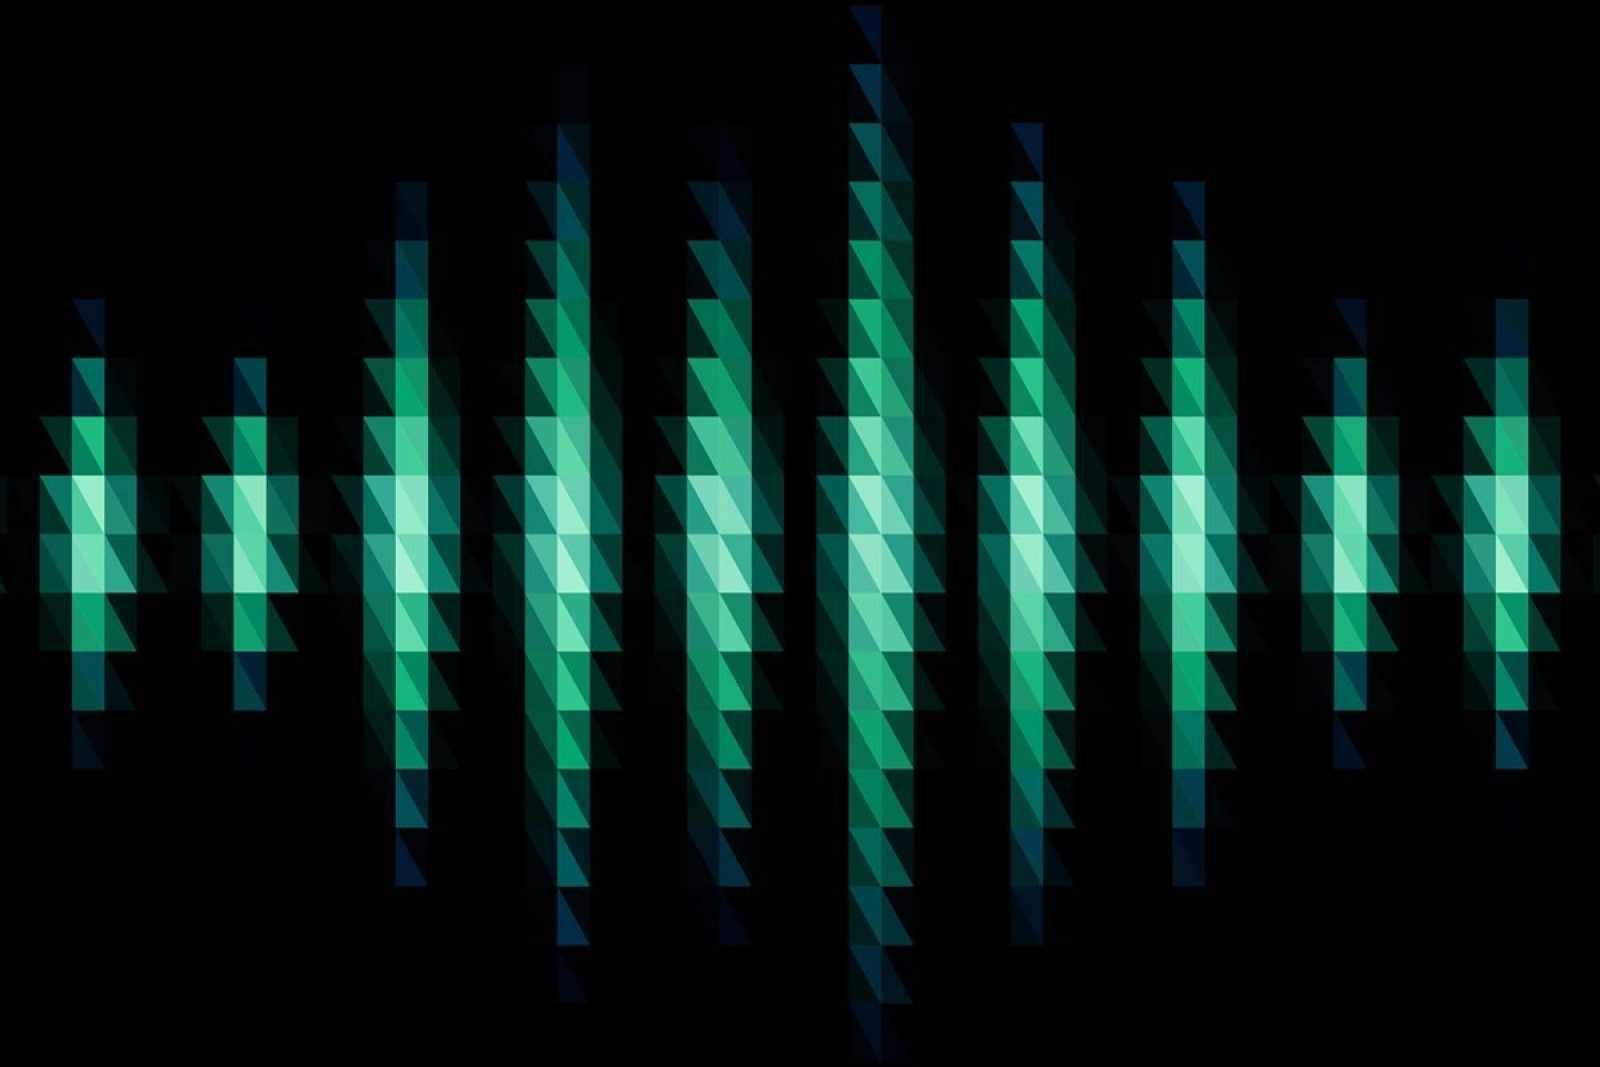 Spectrum 75nhfhibp